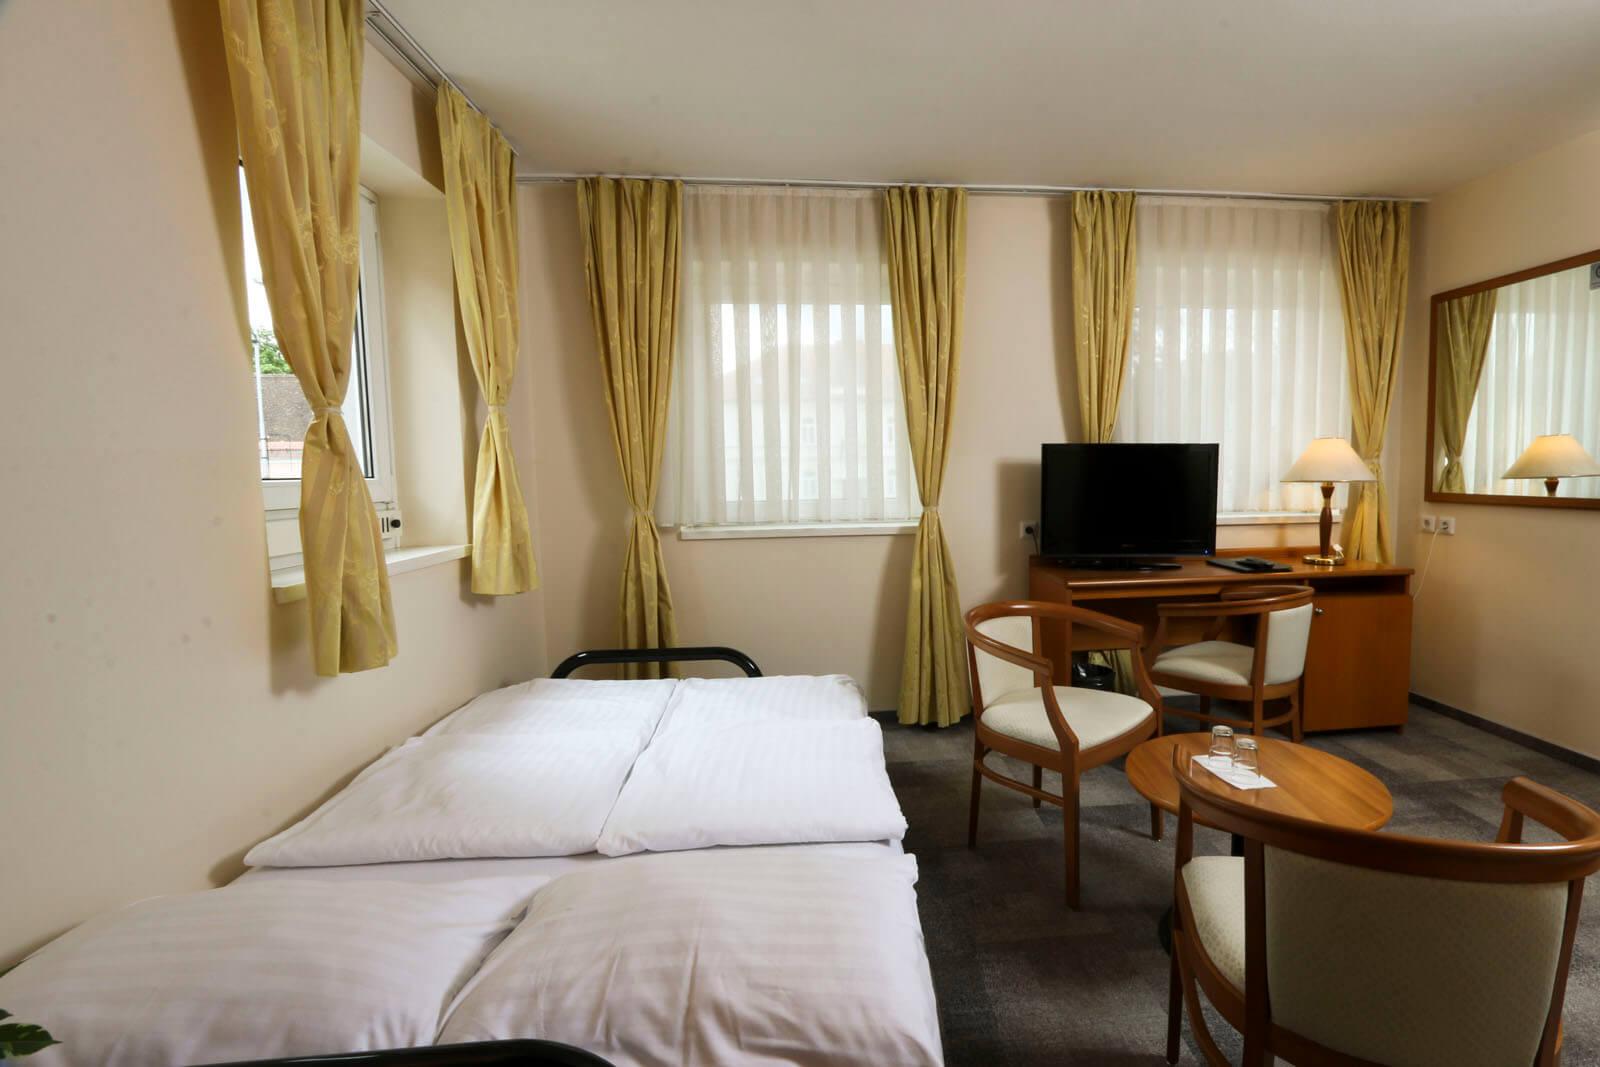 Mantova_hotelIMG_6697